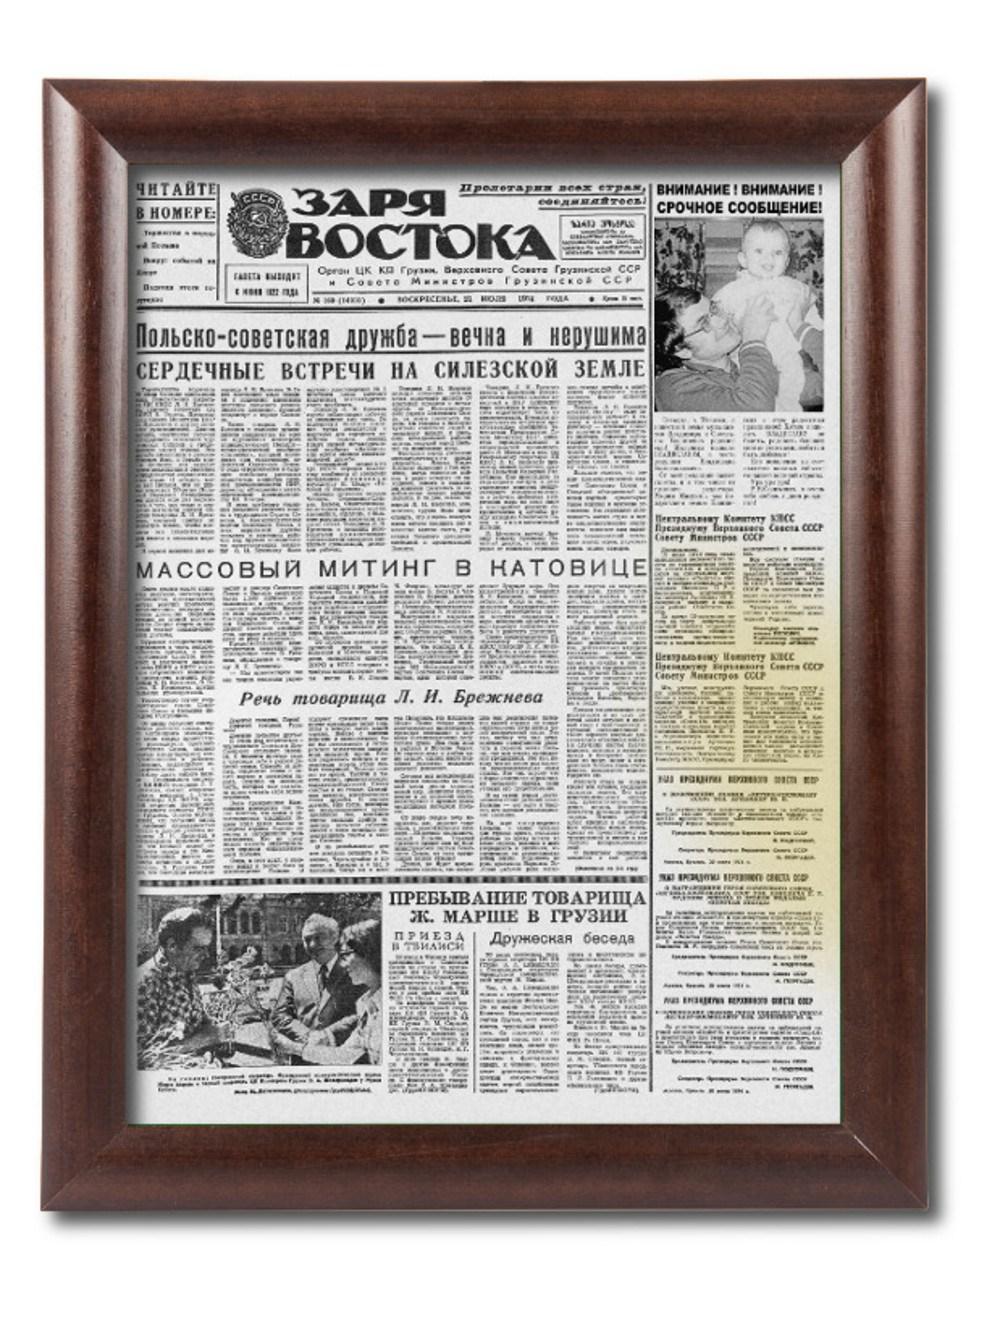 Поздравительная газета Заря Востока в раме Престиж-1